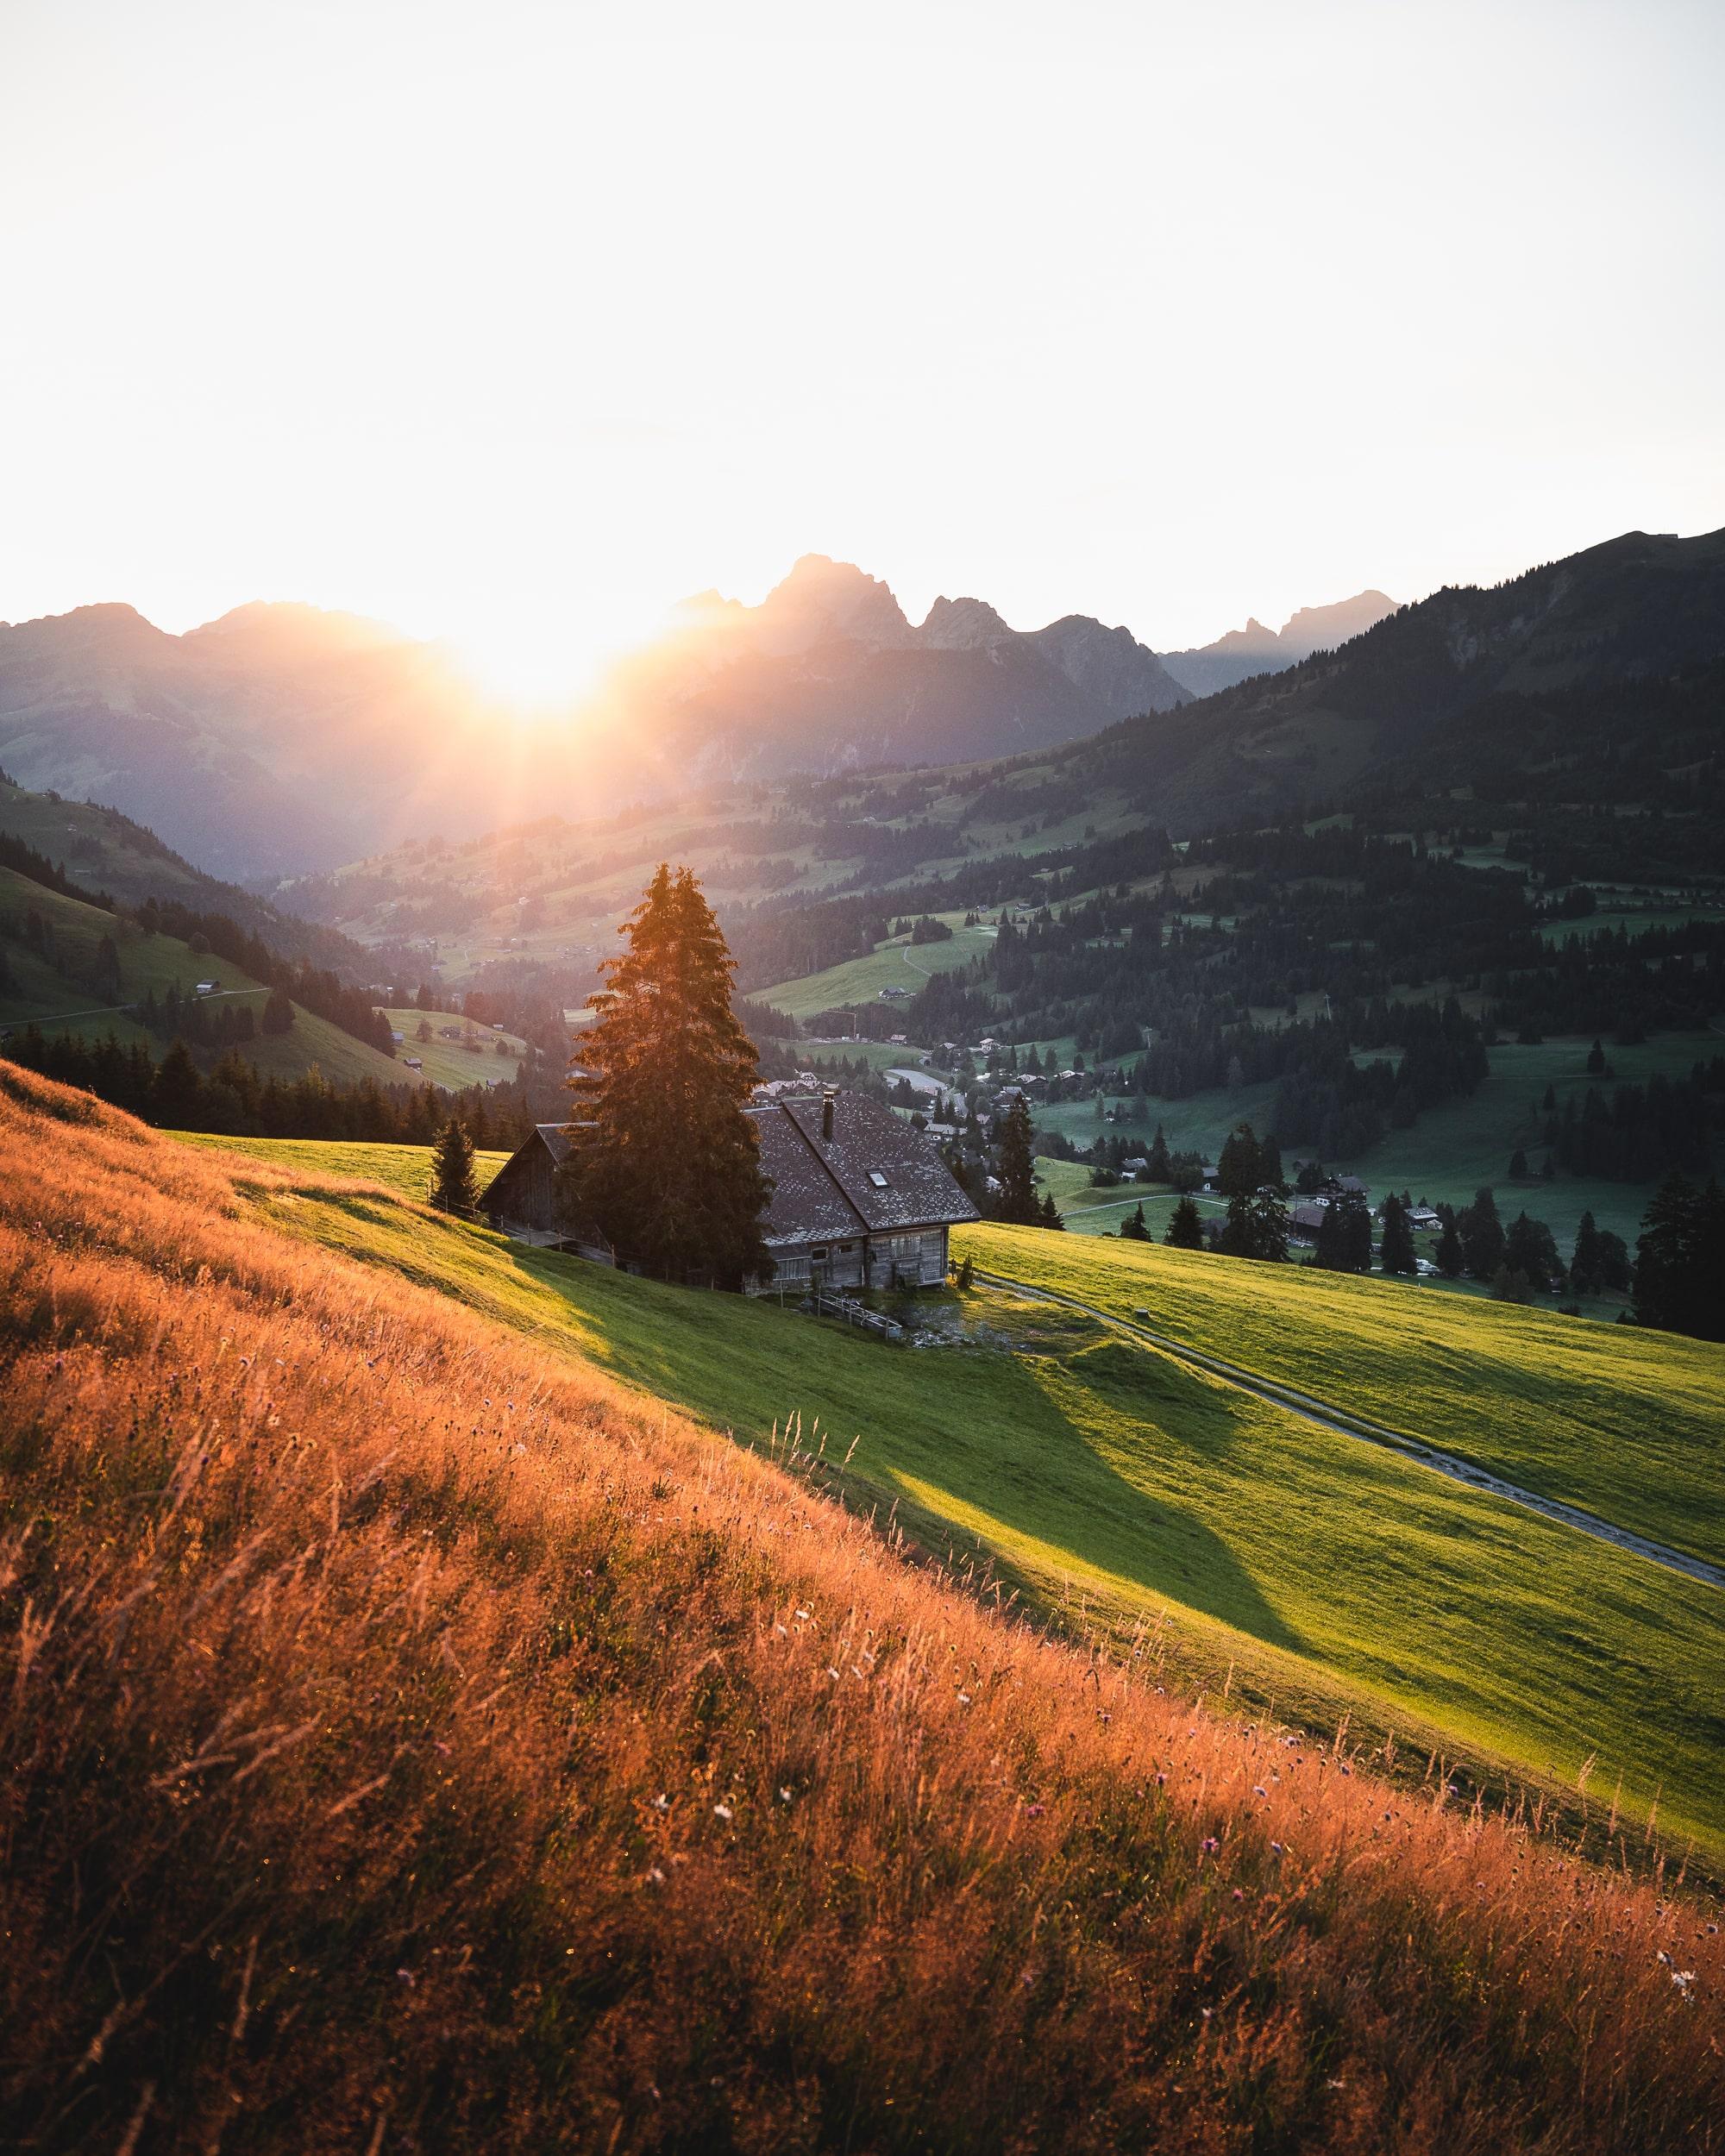 Rellerli Gstaad